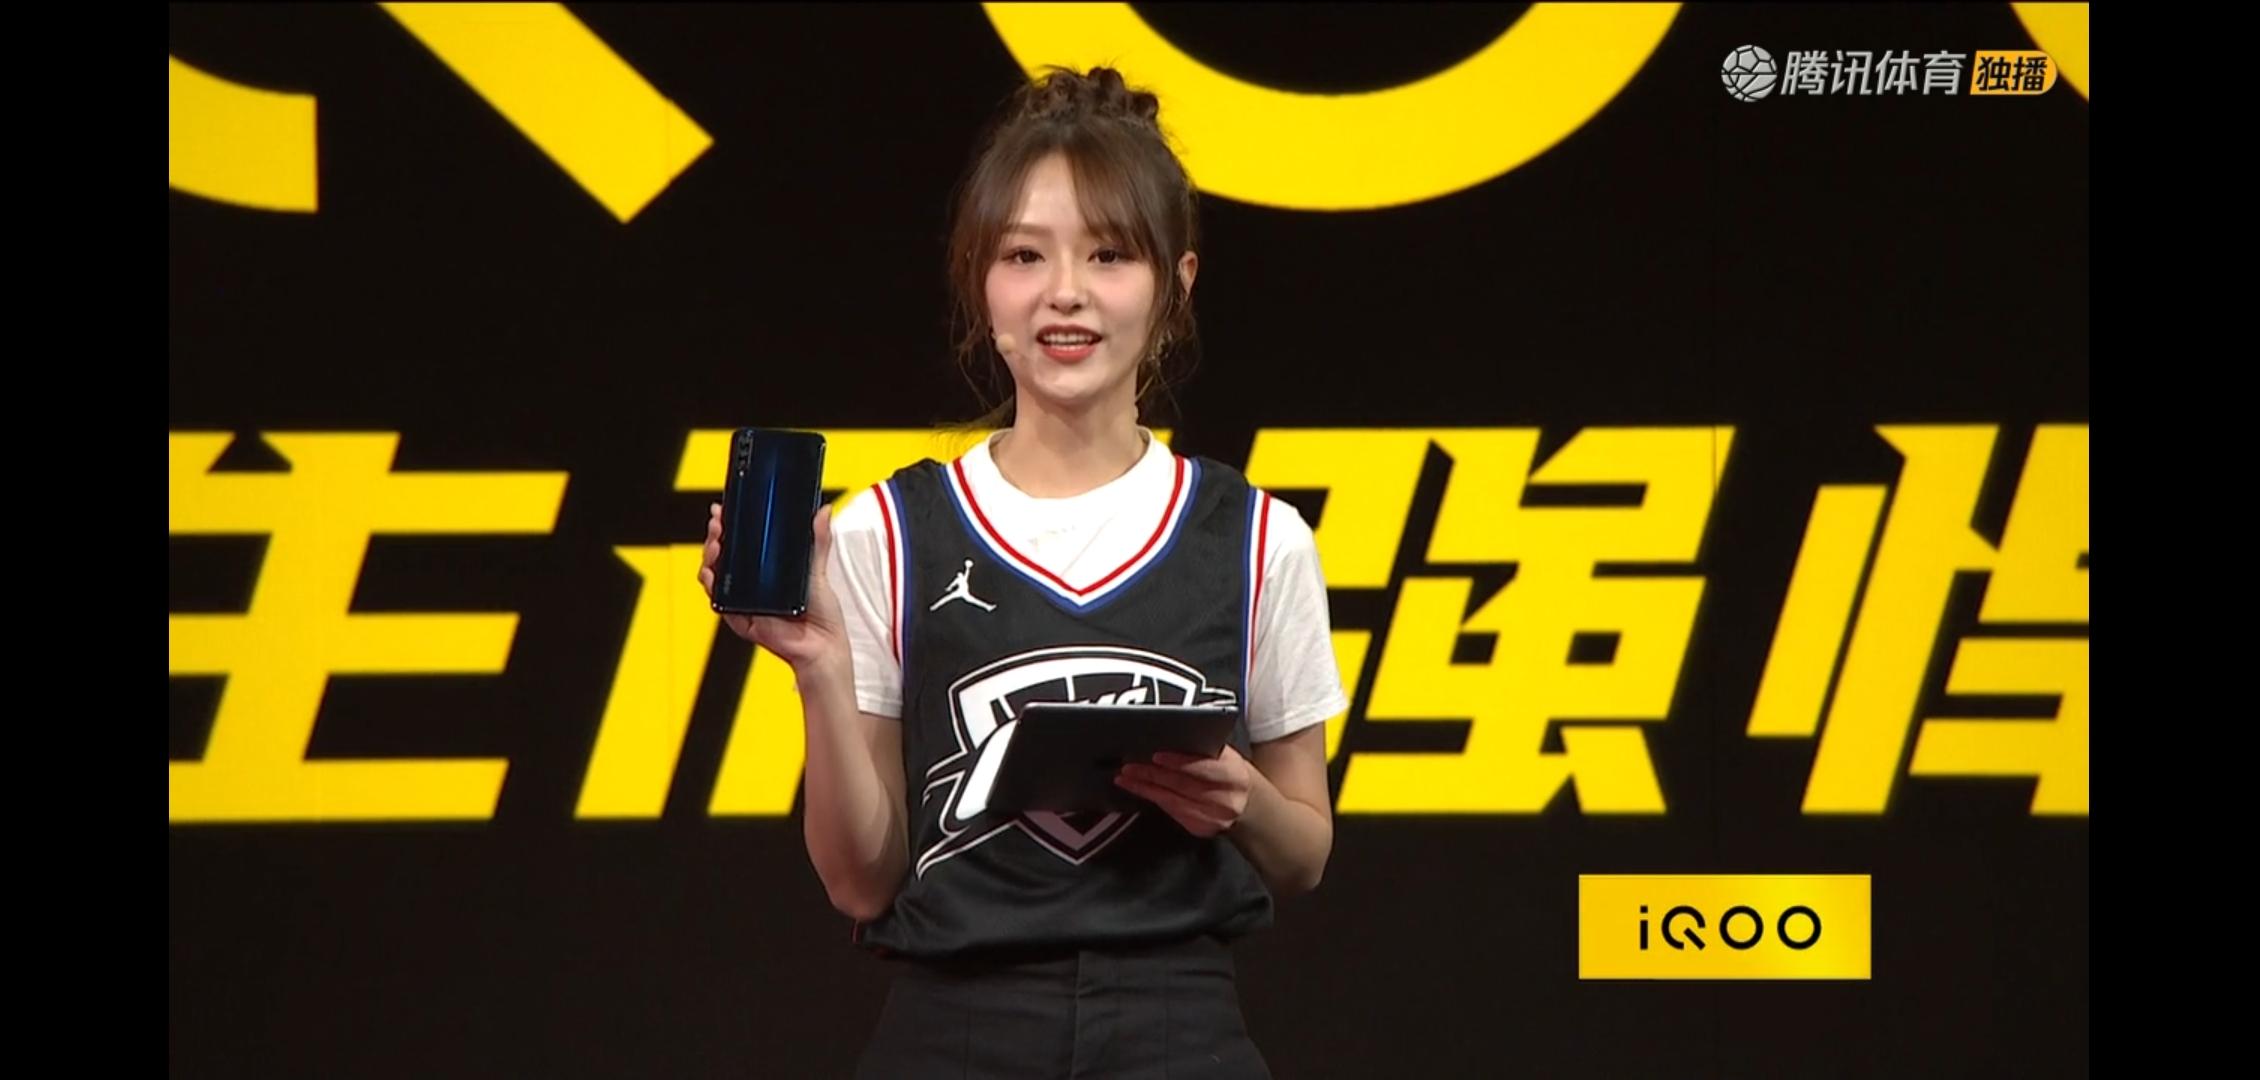 亮相NBA广告插播 vivo子品牌iQOO真机官方首曝